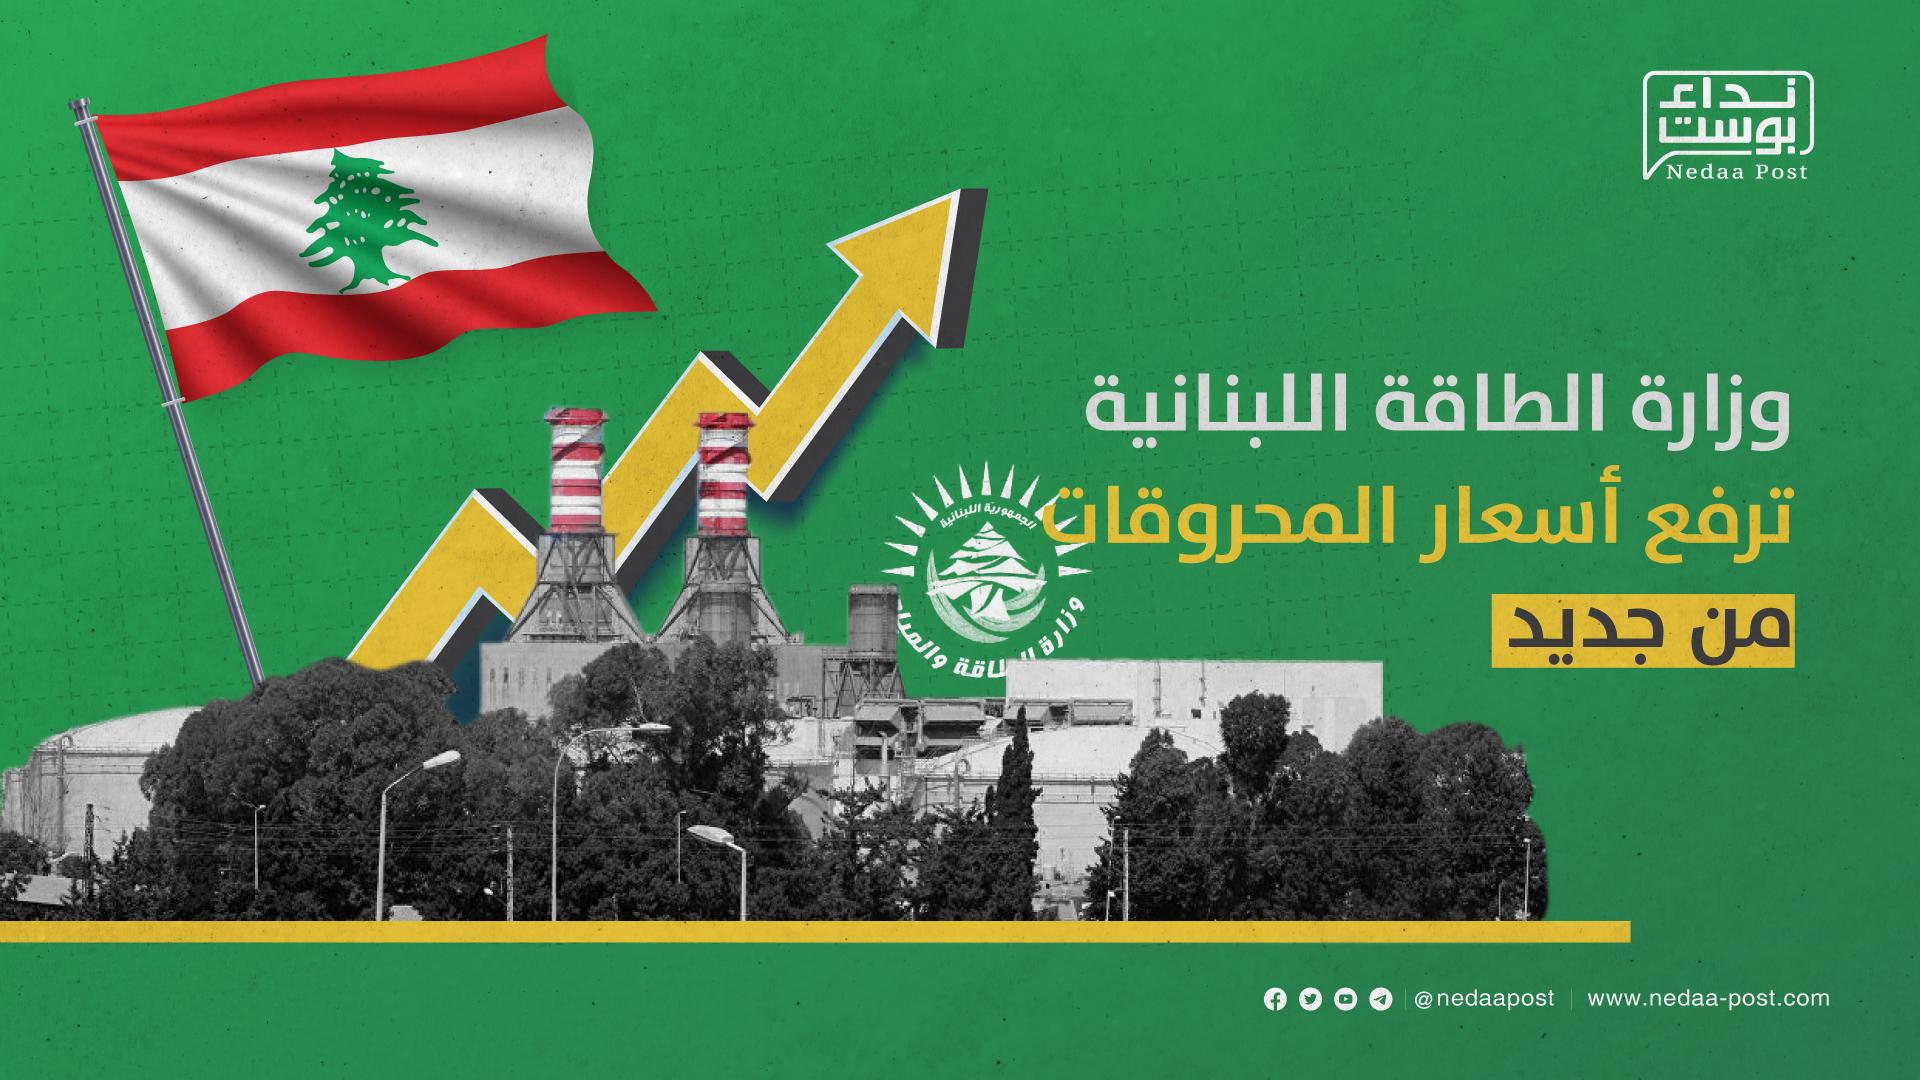 وزارة الطاقة اللبنانية ترفع أسعار المحروقات من جديد (إنفوغراف)